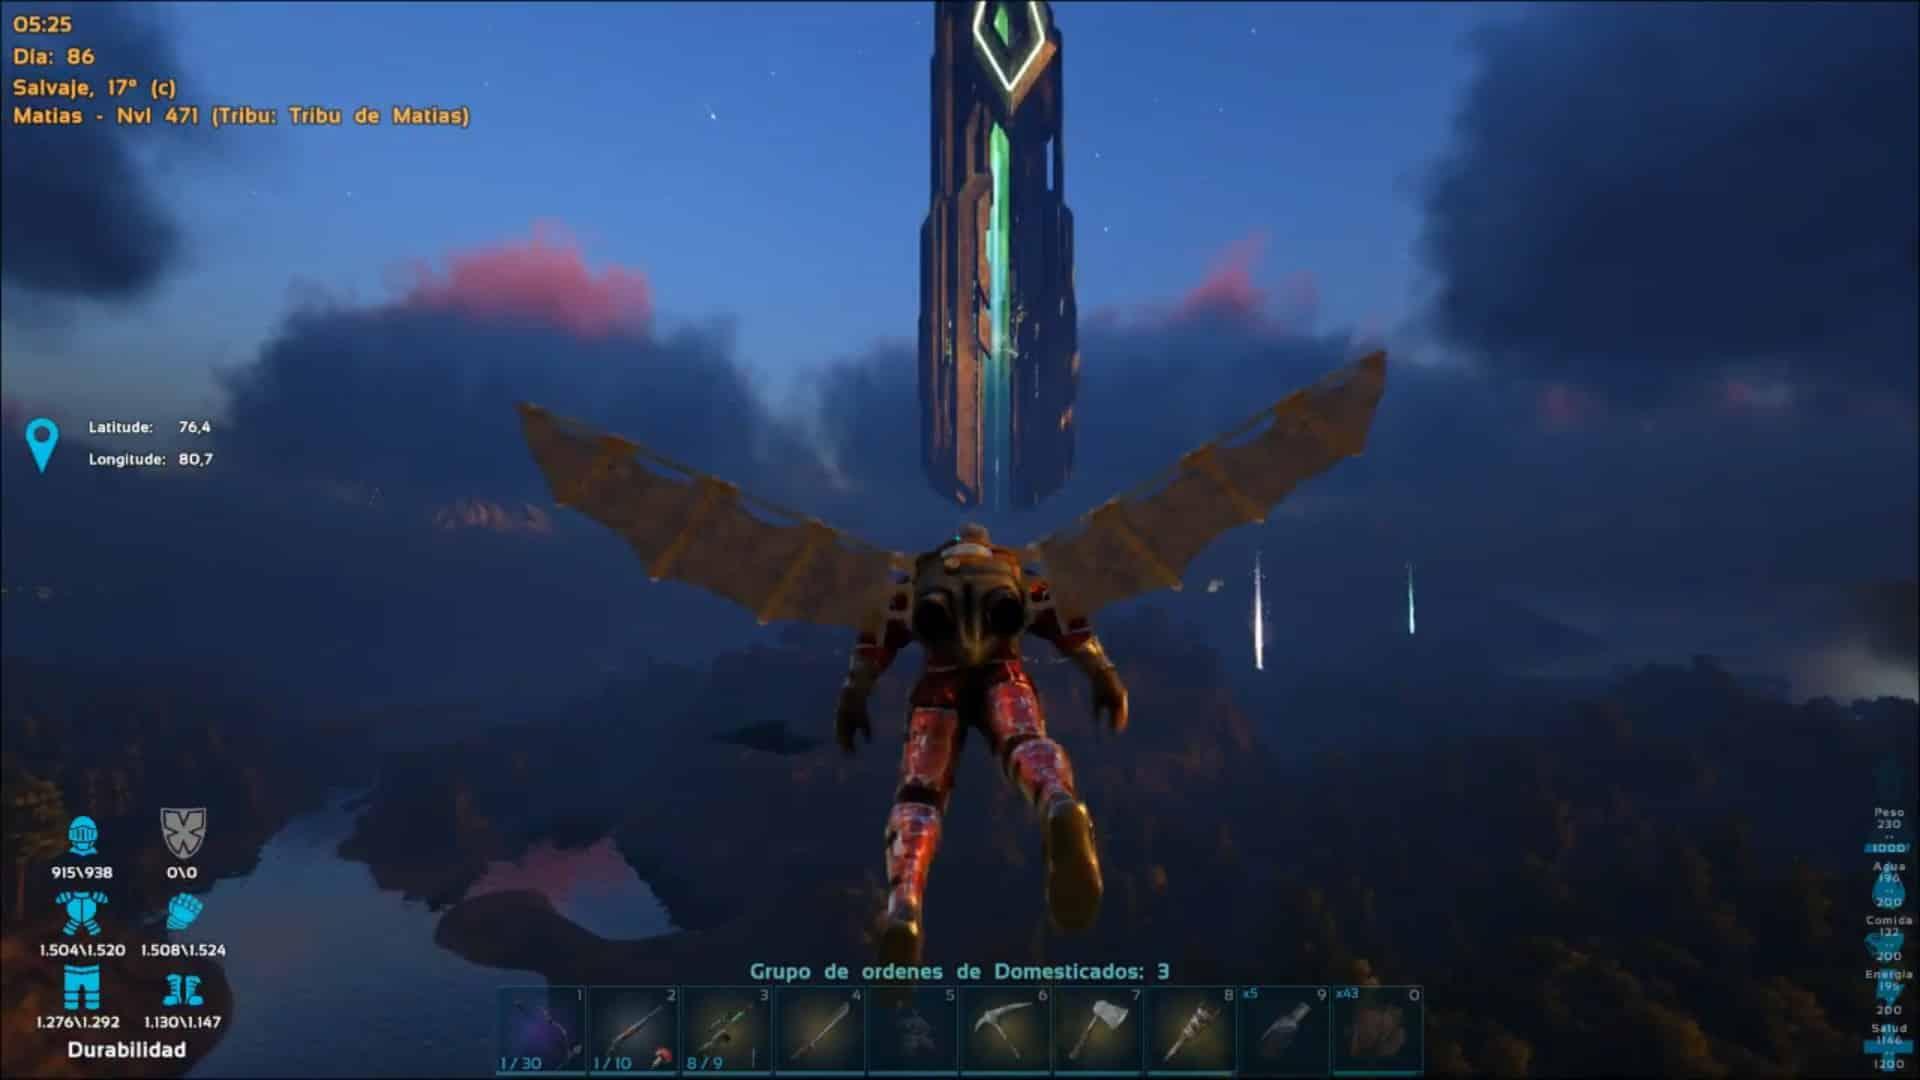 ARK: Survival Evolved - 25 Mods for Custom Items, Buildings